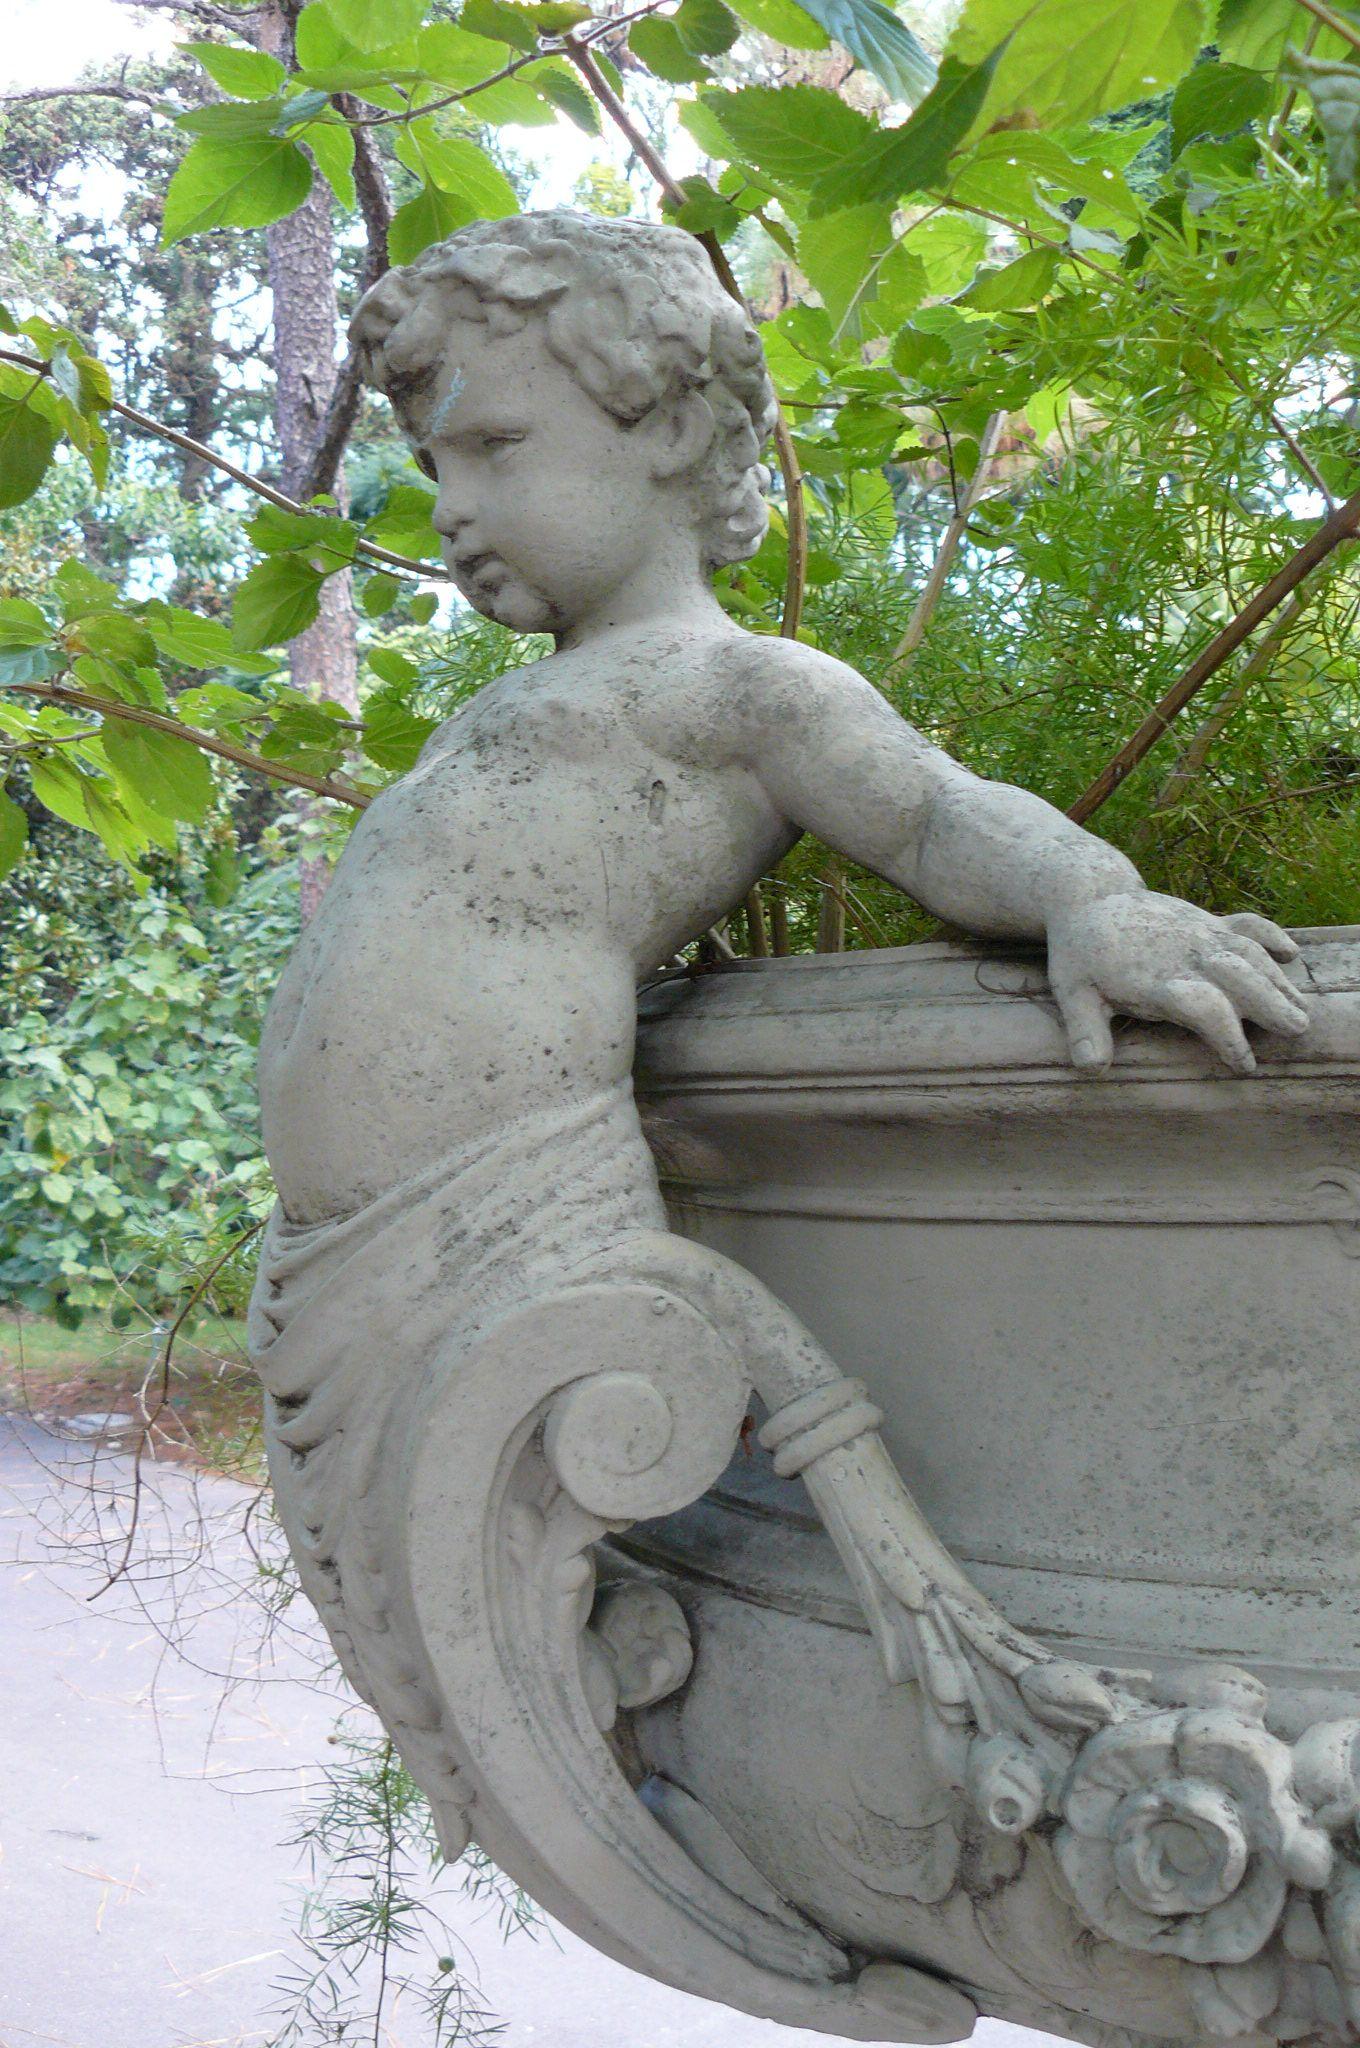 esculturas de buenos aires monumentos y esculturas argentinas pinterest buenos aires